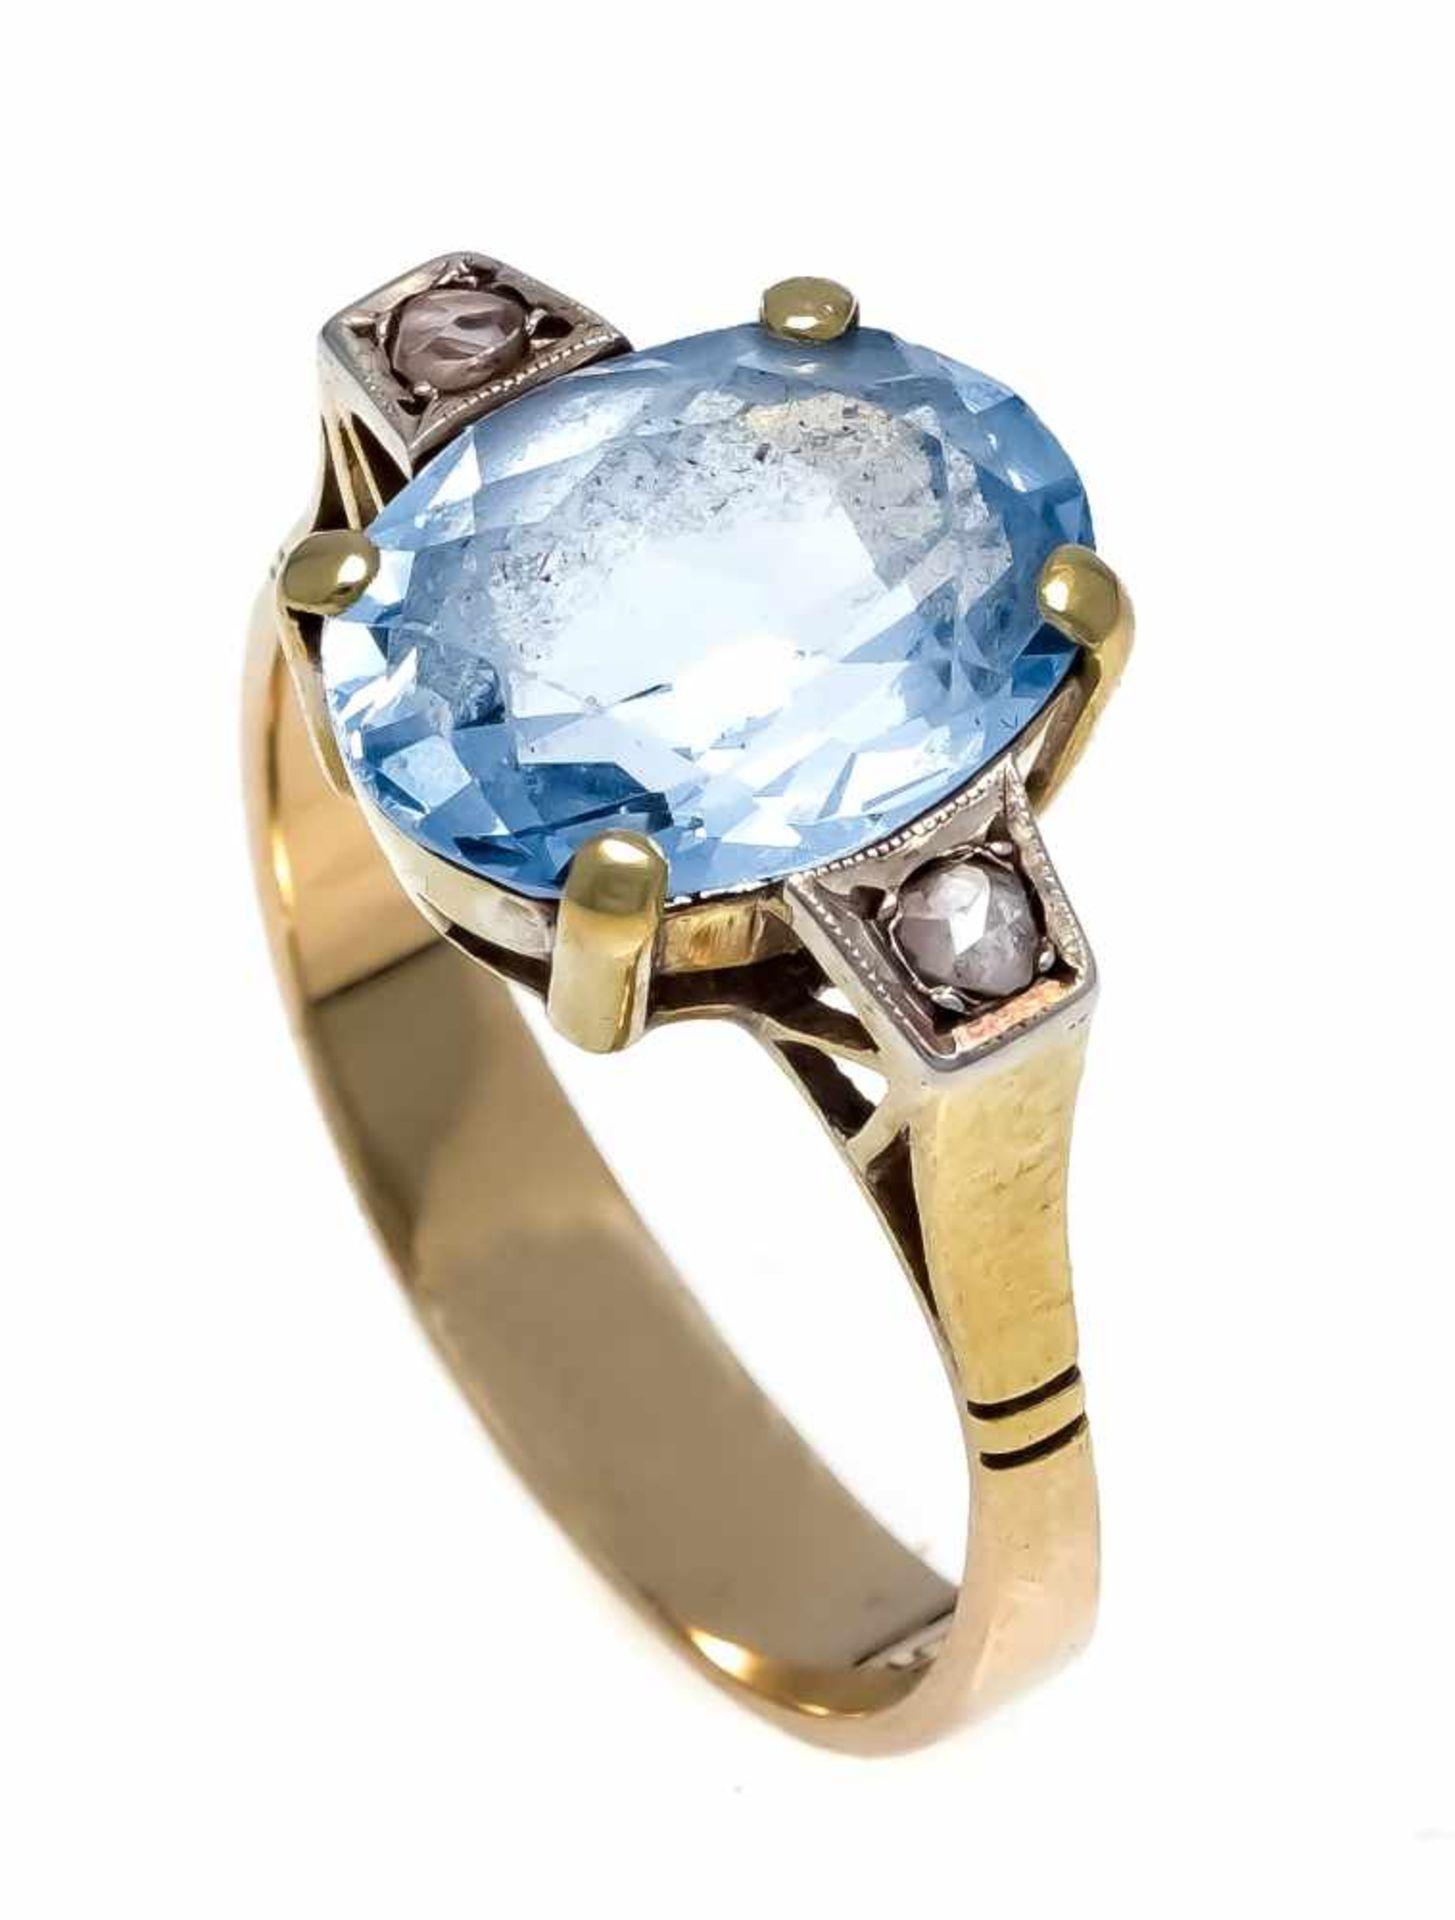 Synt.Spinell-Diamant-Ring GG 585/000 mit einem oval fac. blauen synt. Spinell 12,2 x 9,3 mm und 2